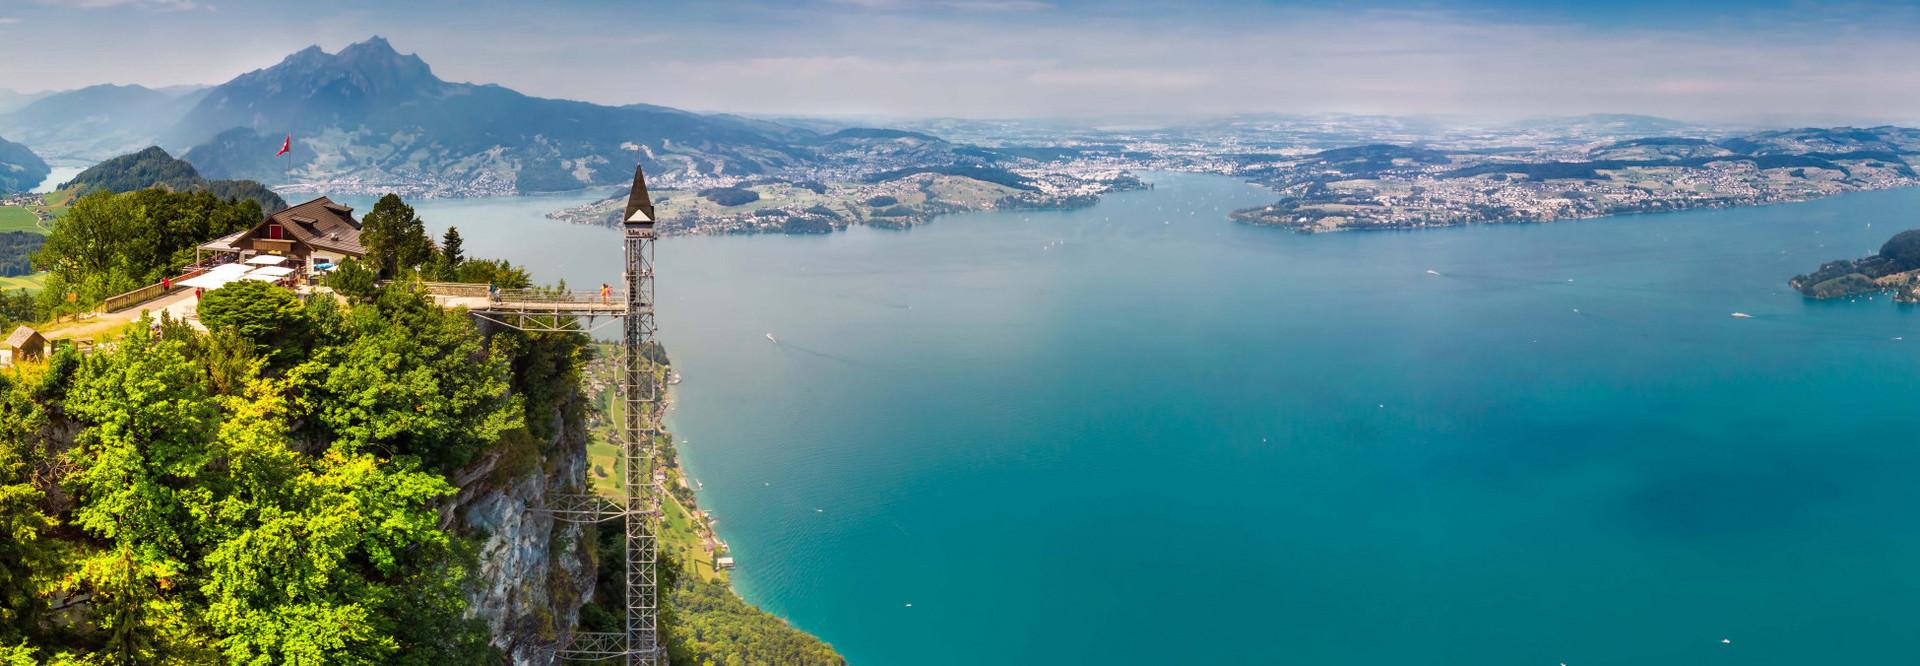 Seitiche Drohnenaufnahme des Hammetschwandliftes. Rechts sieht man einen Teil des Vierwaldstättersees und im Hintergrund er Pilatus.